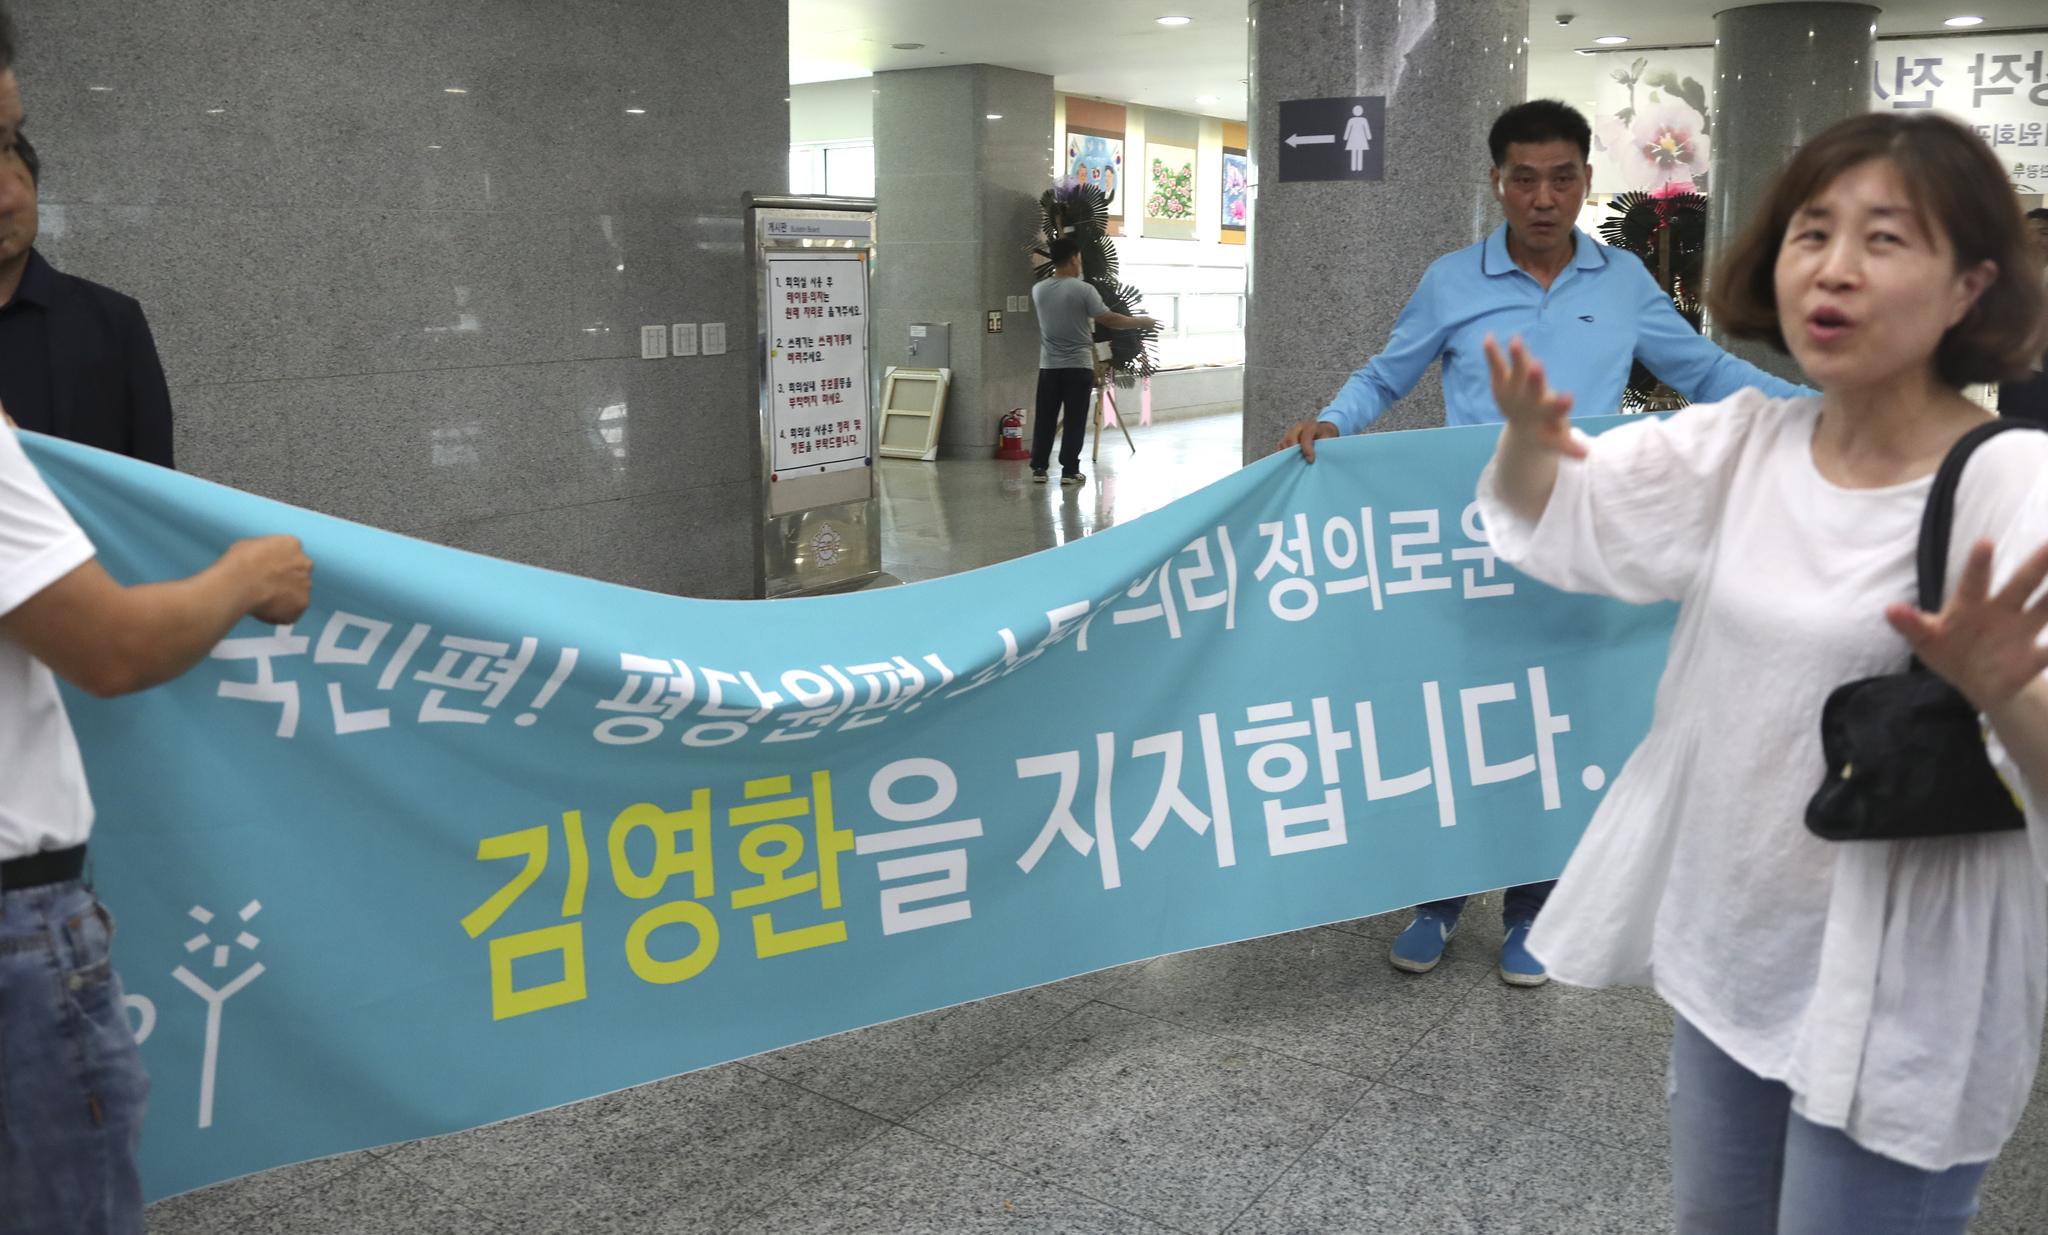 바른미래당 한 관계자가 정견 발표회장 앞에서 현수막을 들고 있는 지지자들을 제지하고 있다. 임현동 기자